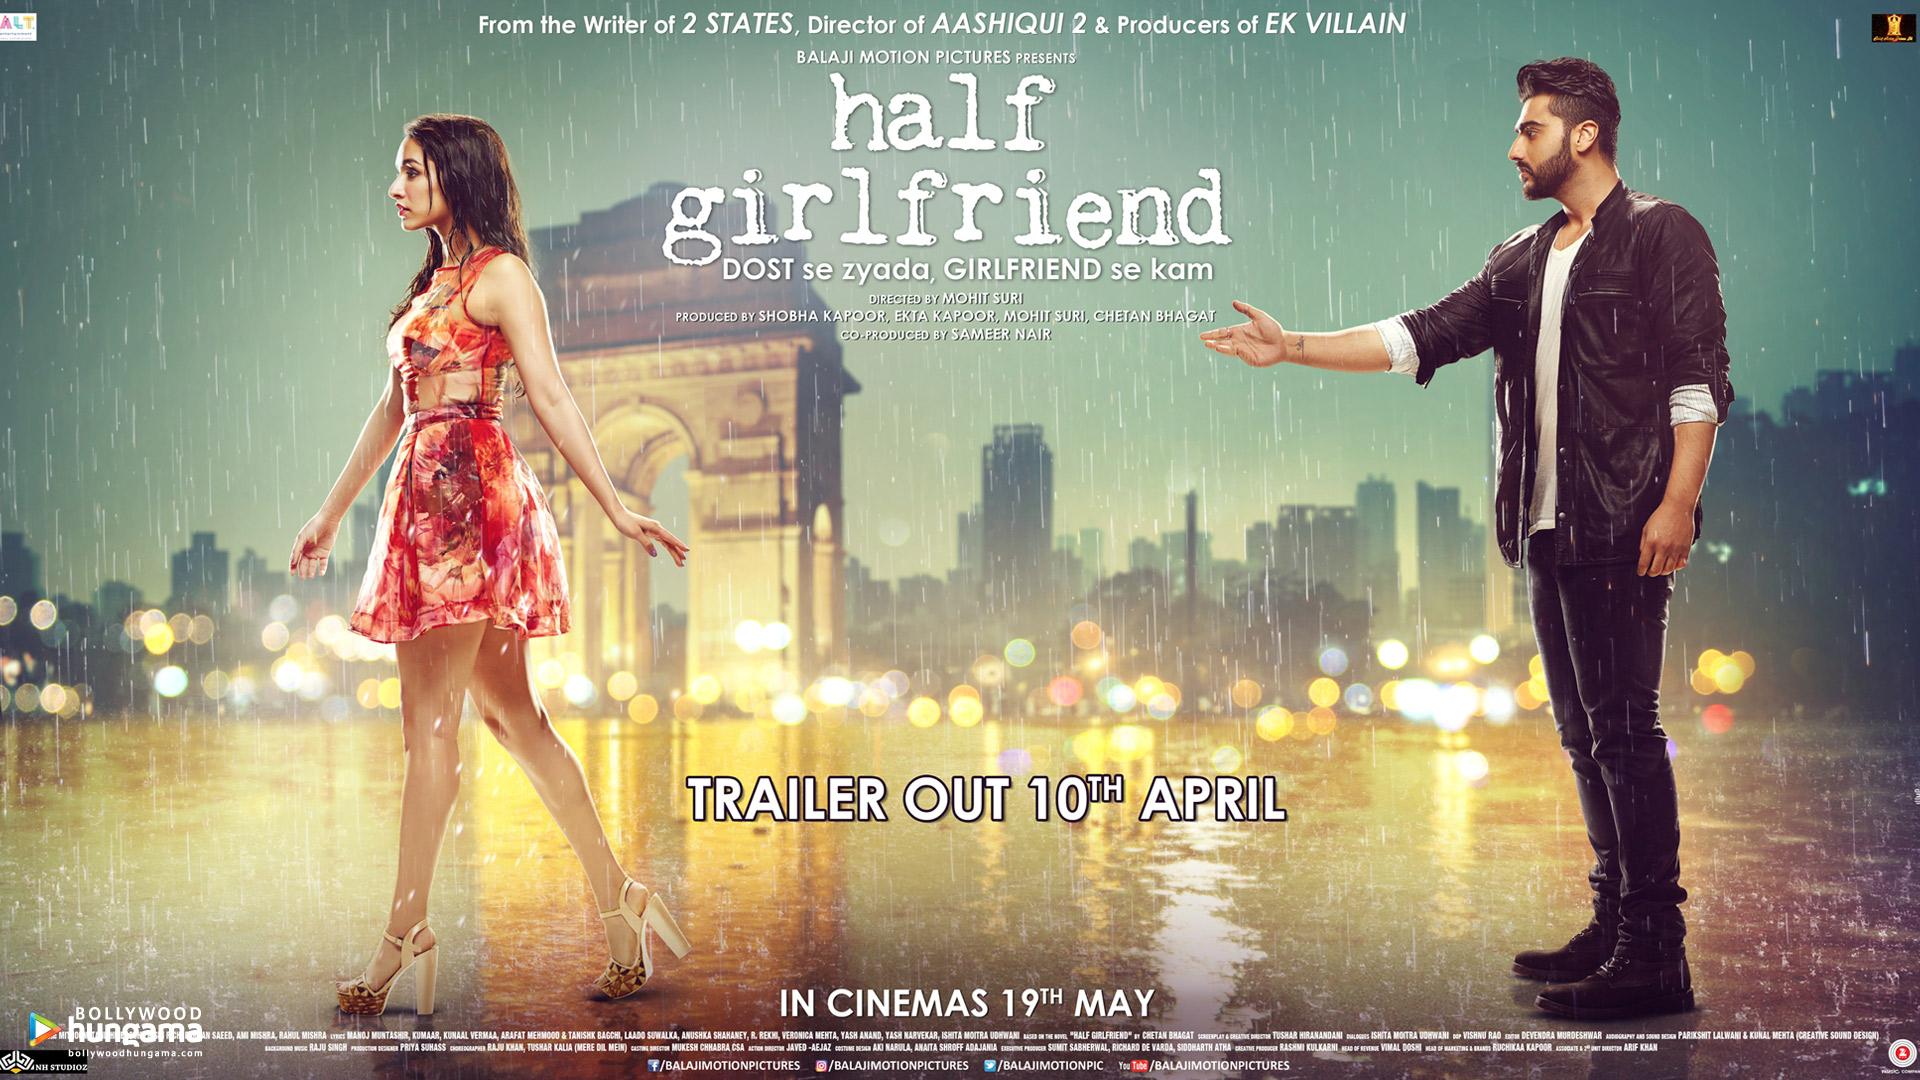 Most Inspiring Wallpaper Movie Aashiqui 2 - Half-Girlfriend-1-11  Photograph_60999.jpg